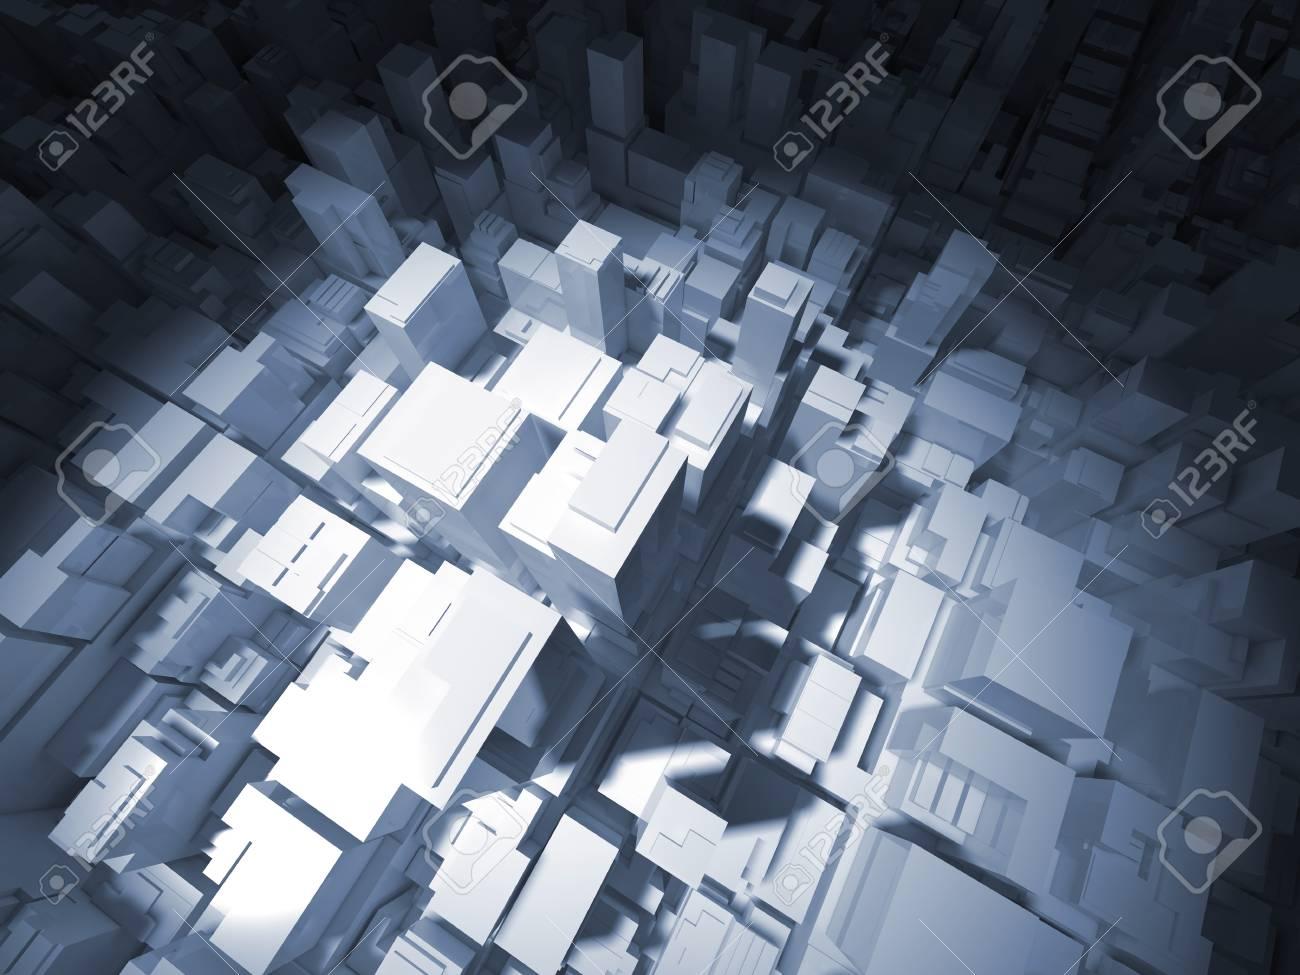 スポット ライト、3 d イラストの高層事務所建物抽象デジタル白い都市の景観